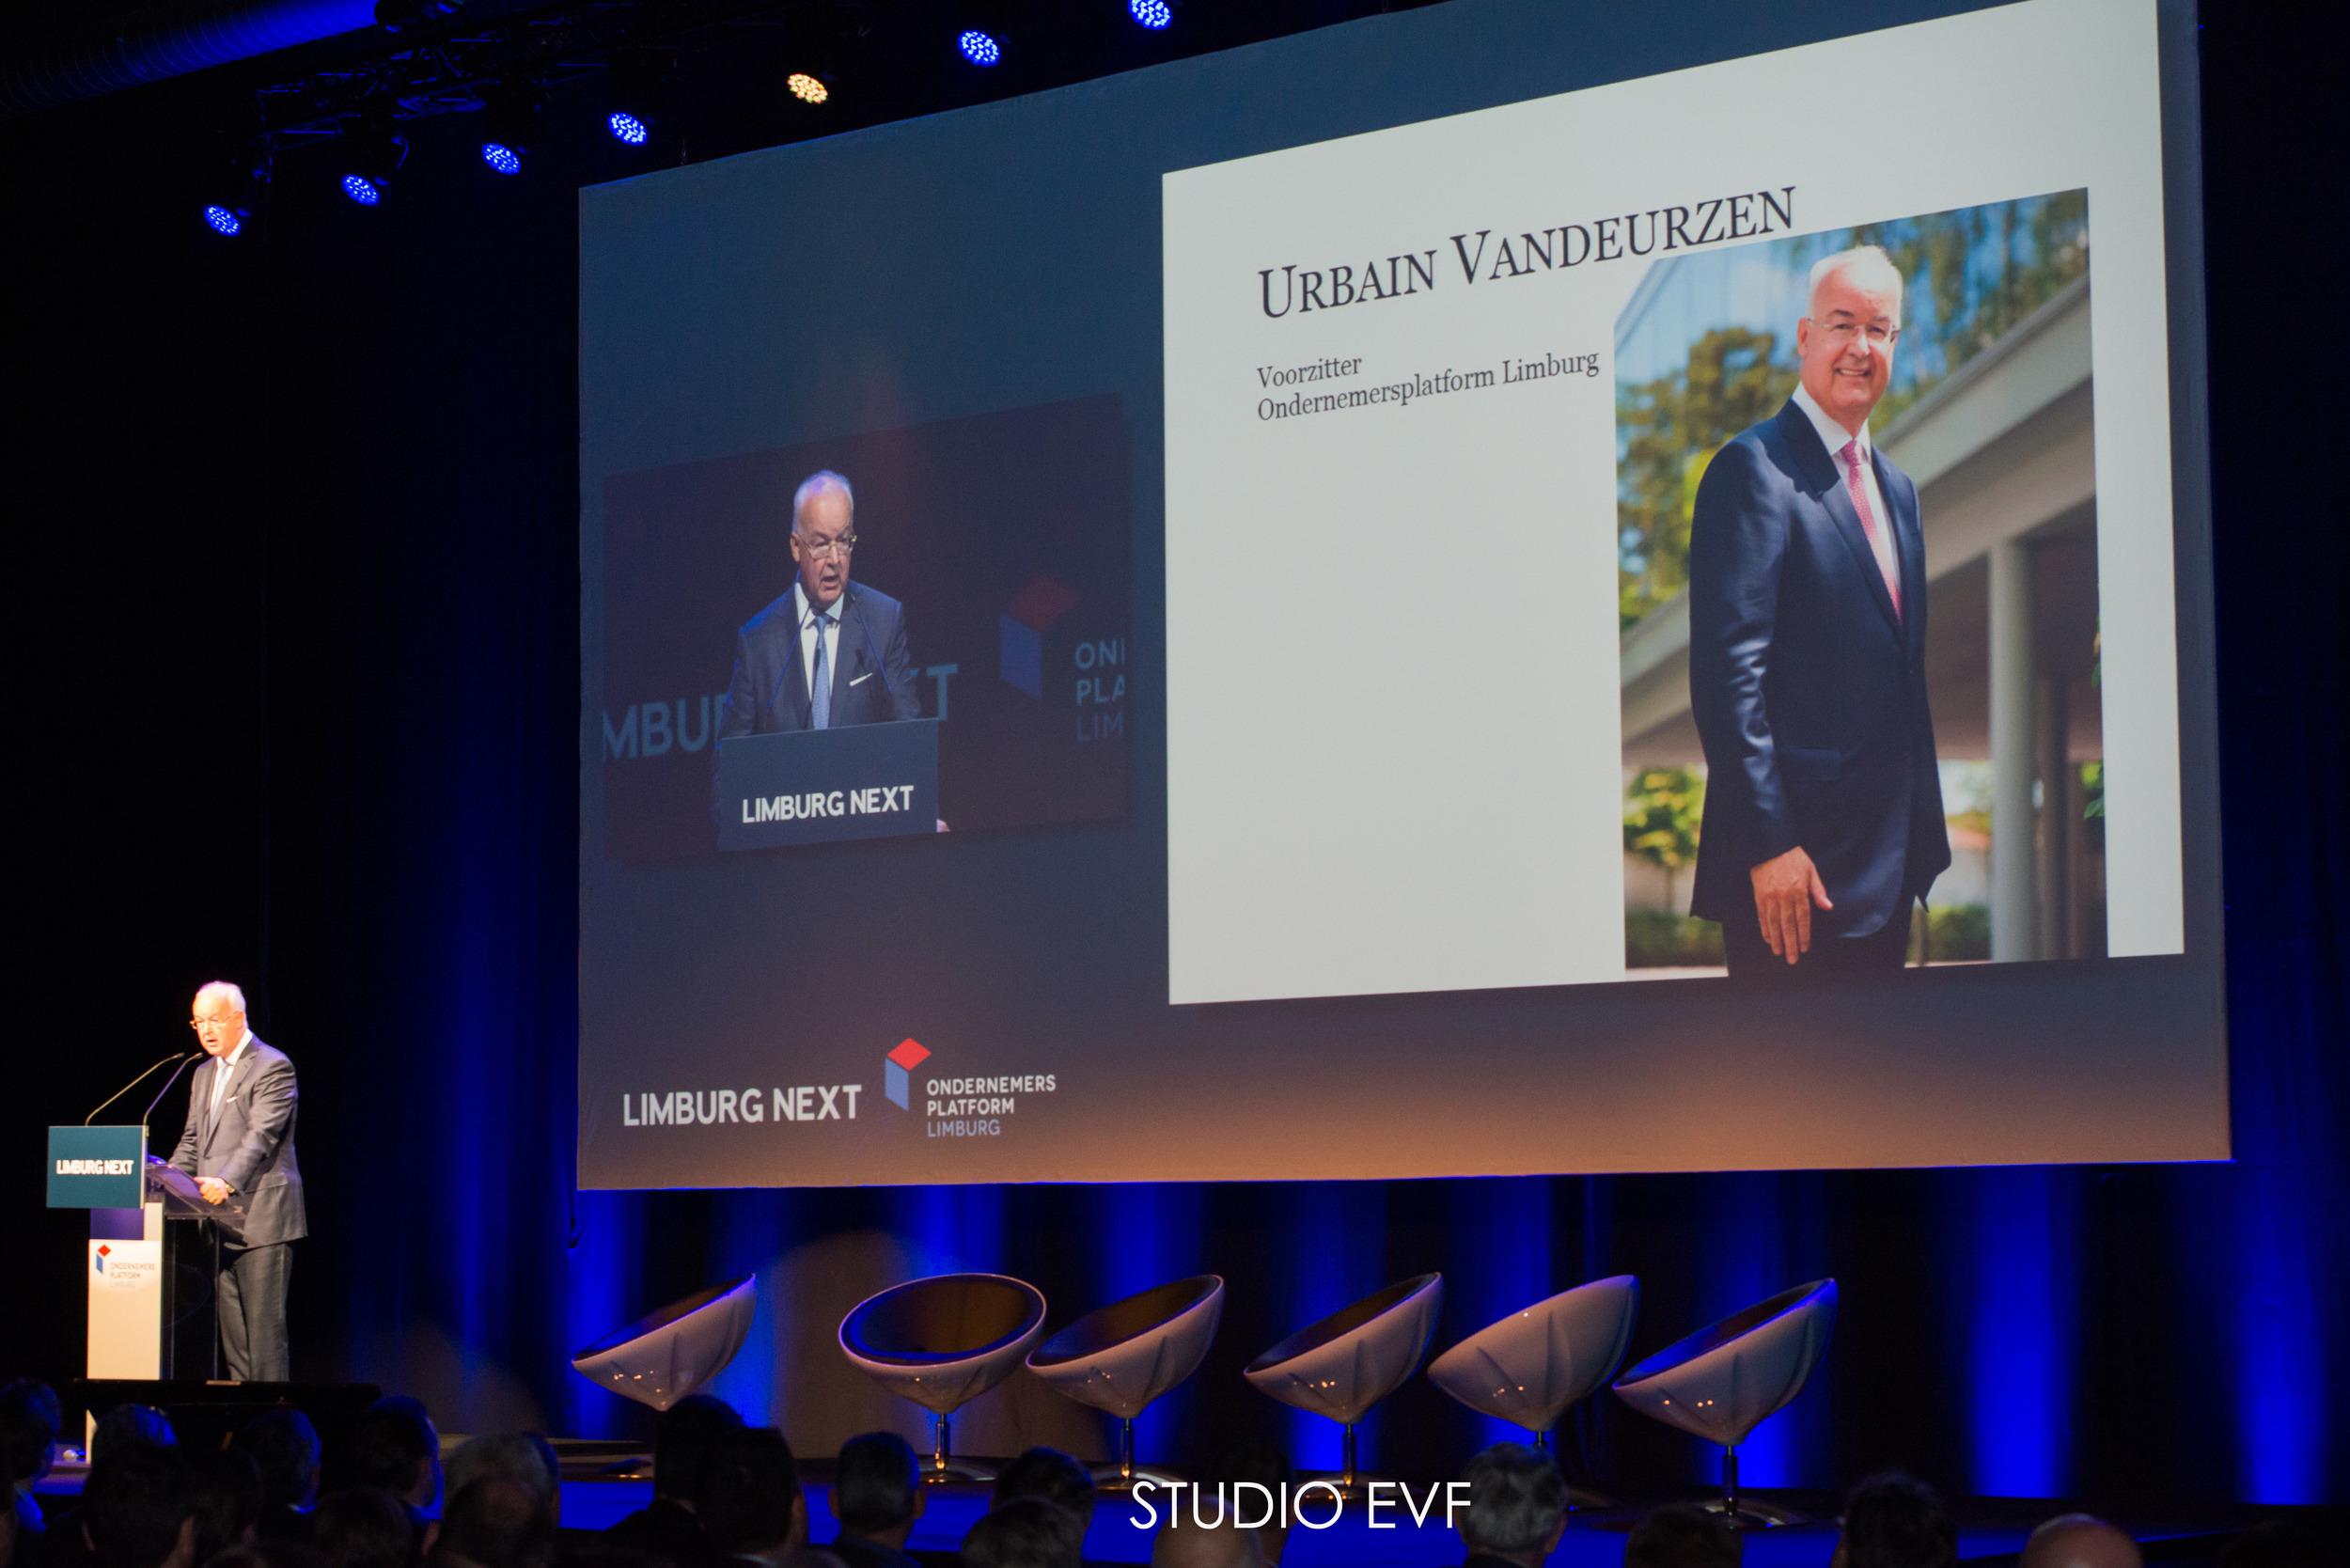 Els-Verbakel-Fotografie-evenementen-12.jpg